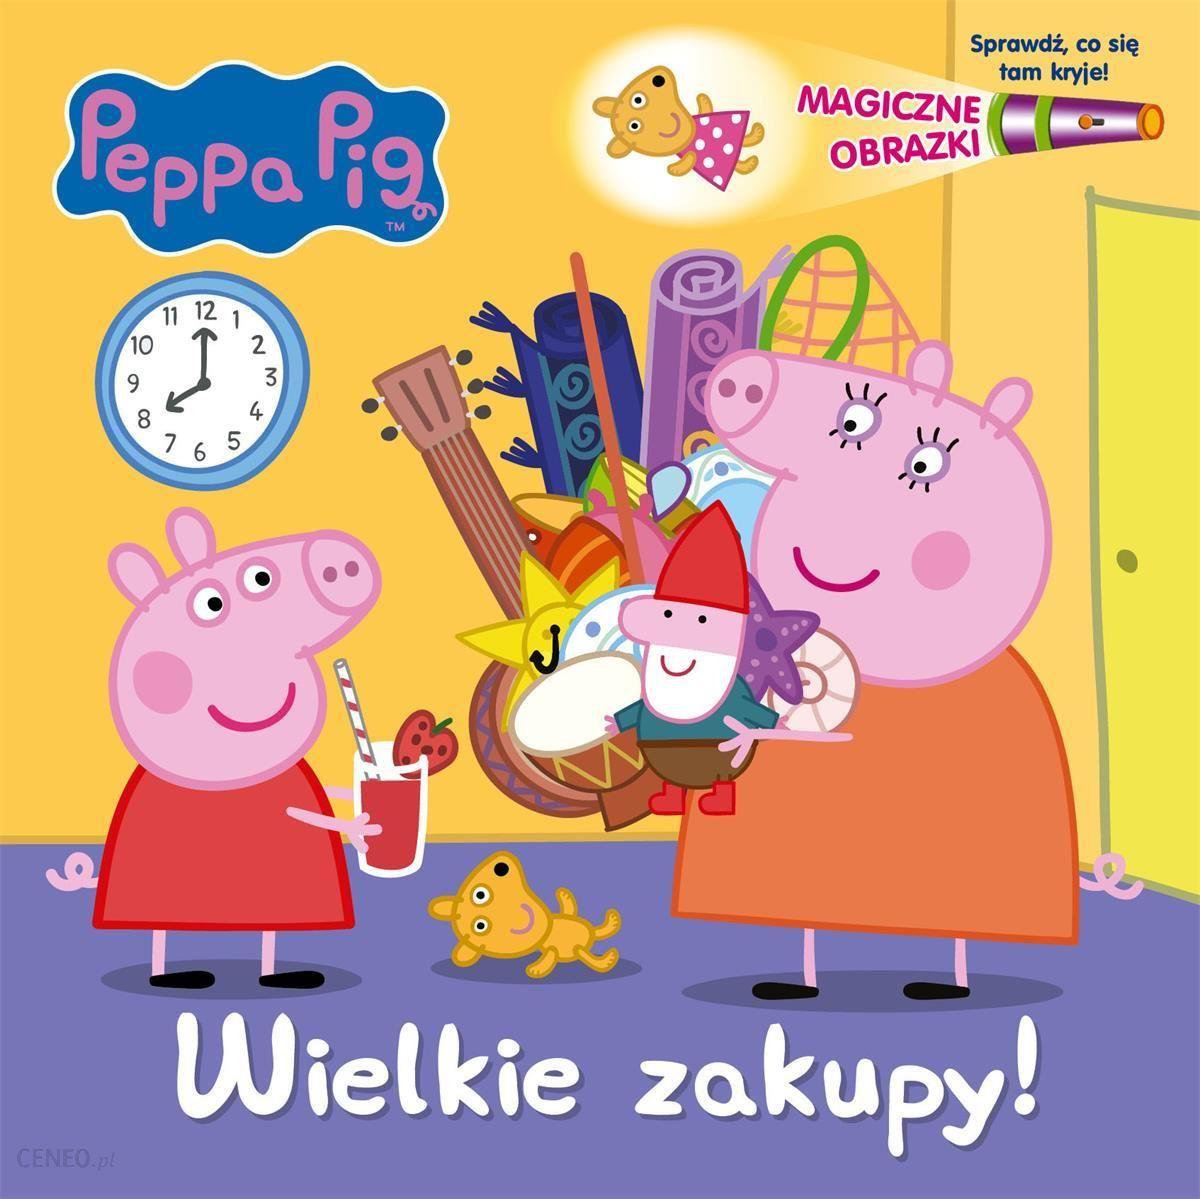 Peppa Pig Magiczne Obrazki Wielkie Zakupy Ceny I Opinie Ceneo Pl